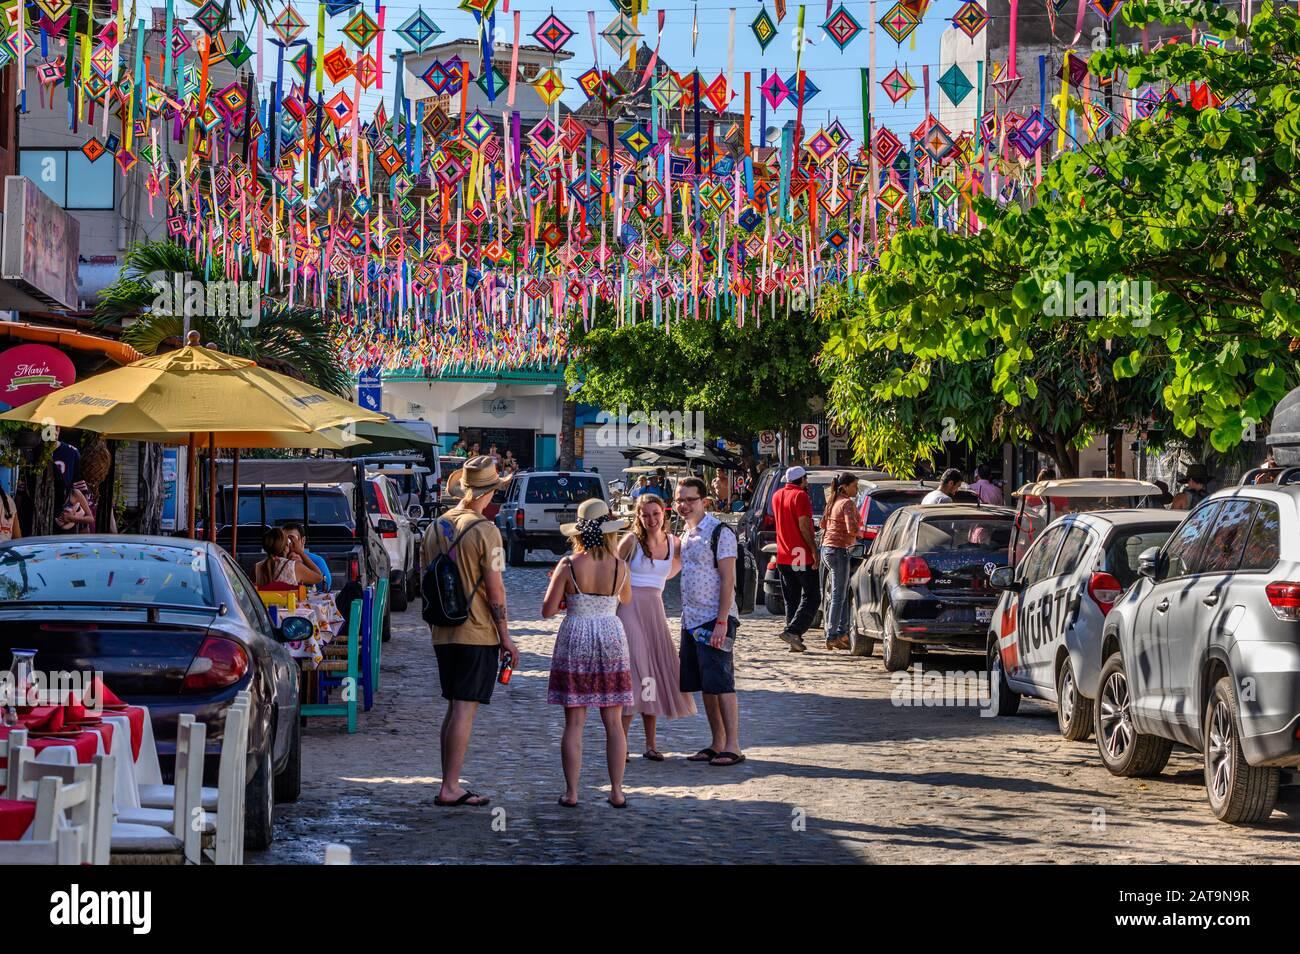 Vistiors taking selfies in Sayulita, Riviera Nayarit, Mexico. Stock Photo